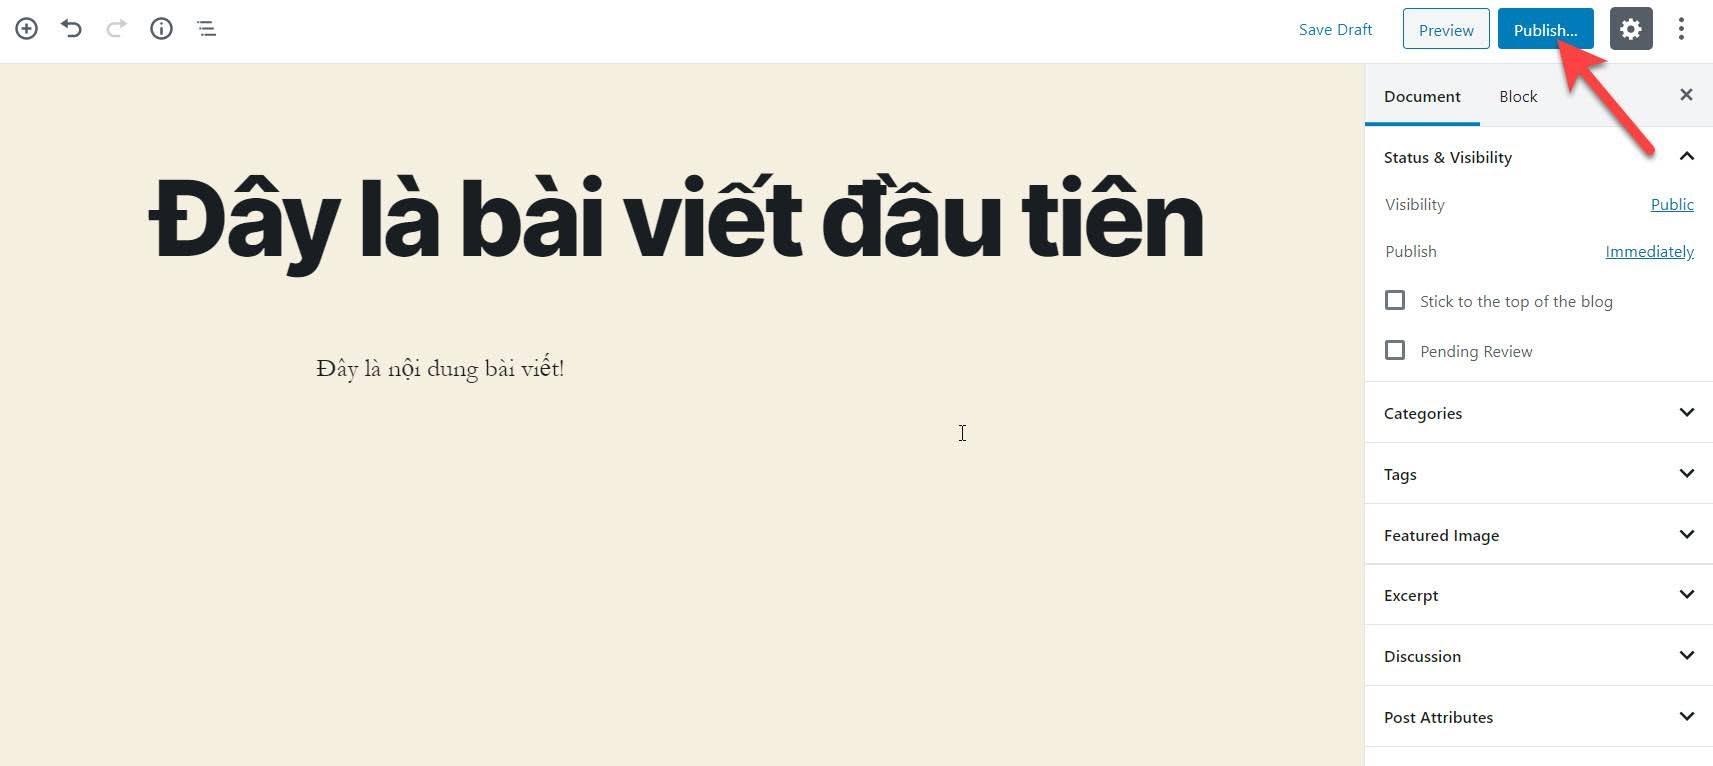 Tao bai viet tren WordPress